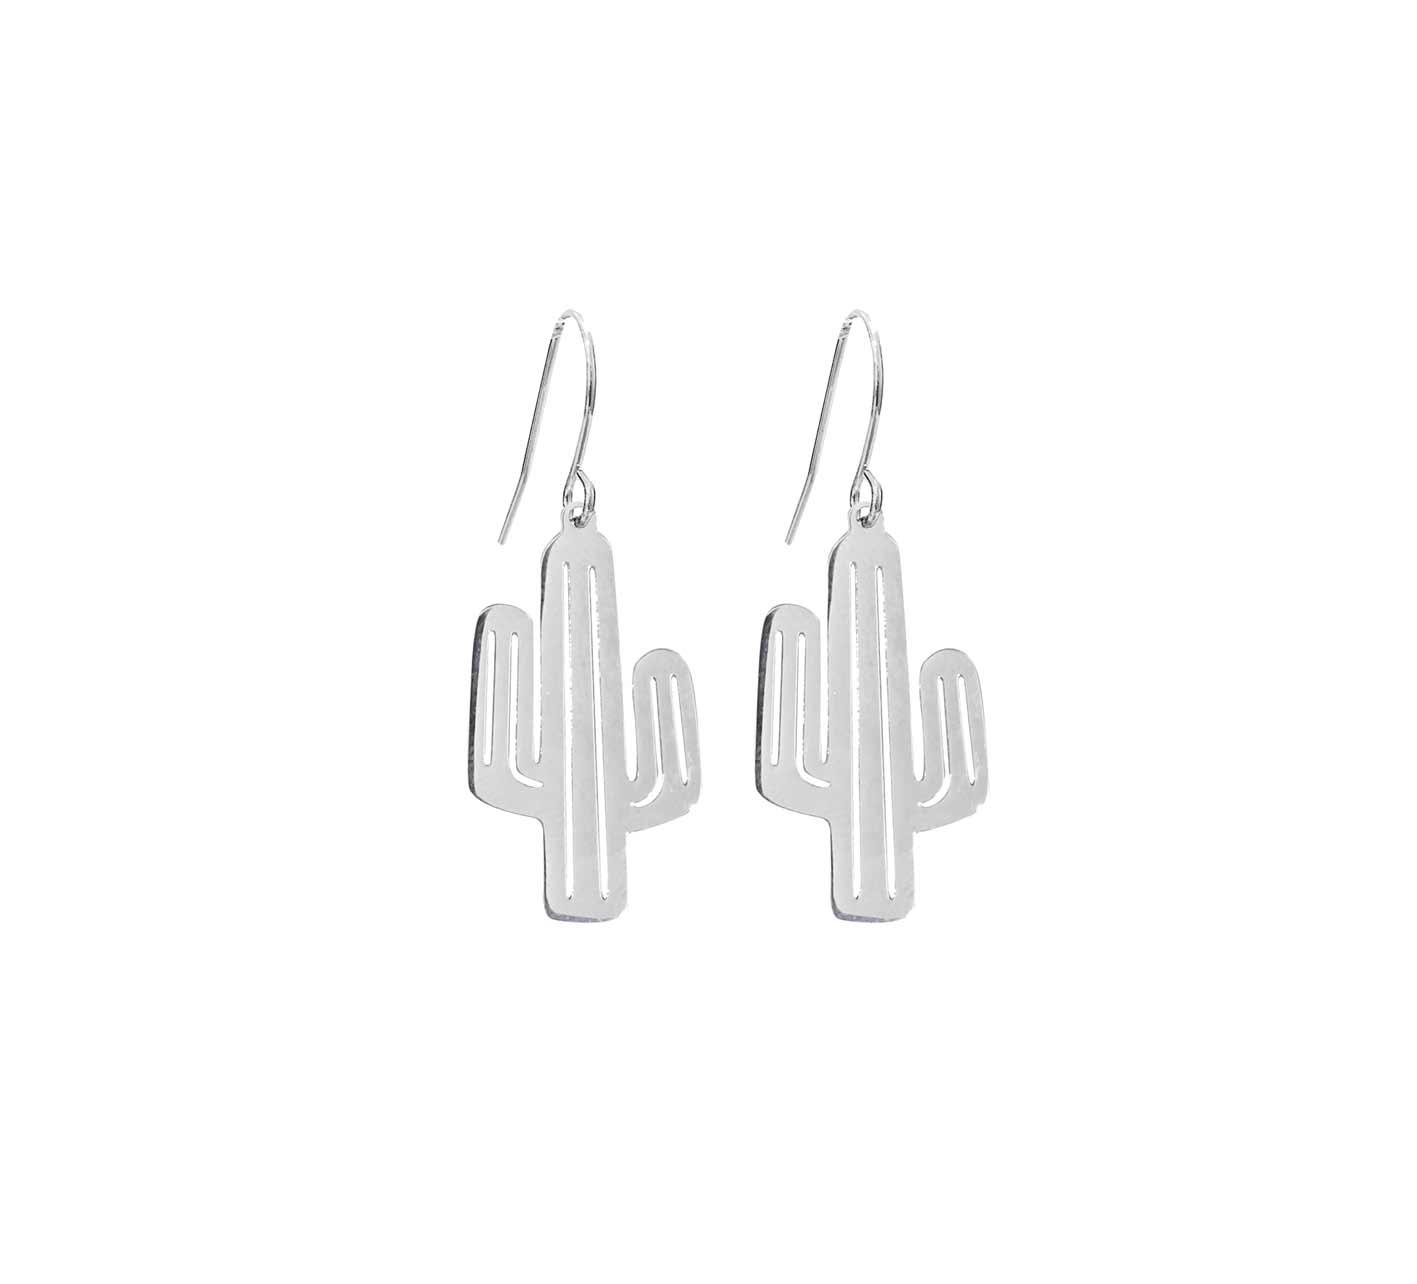 Pipols Bazaar - Örhängen Cactus - Silver - Rara Klaras 77381acc4e81e